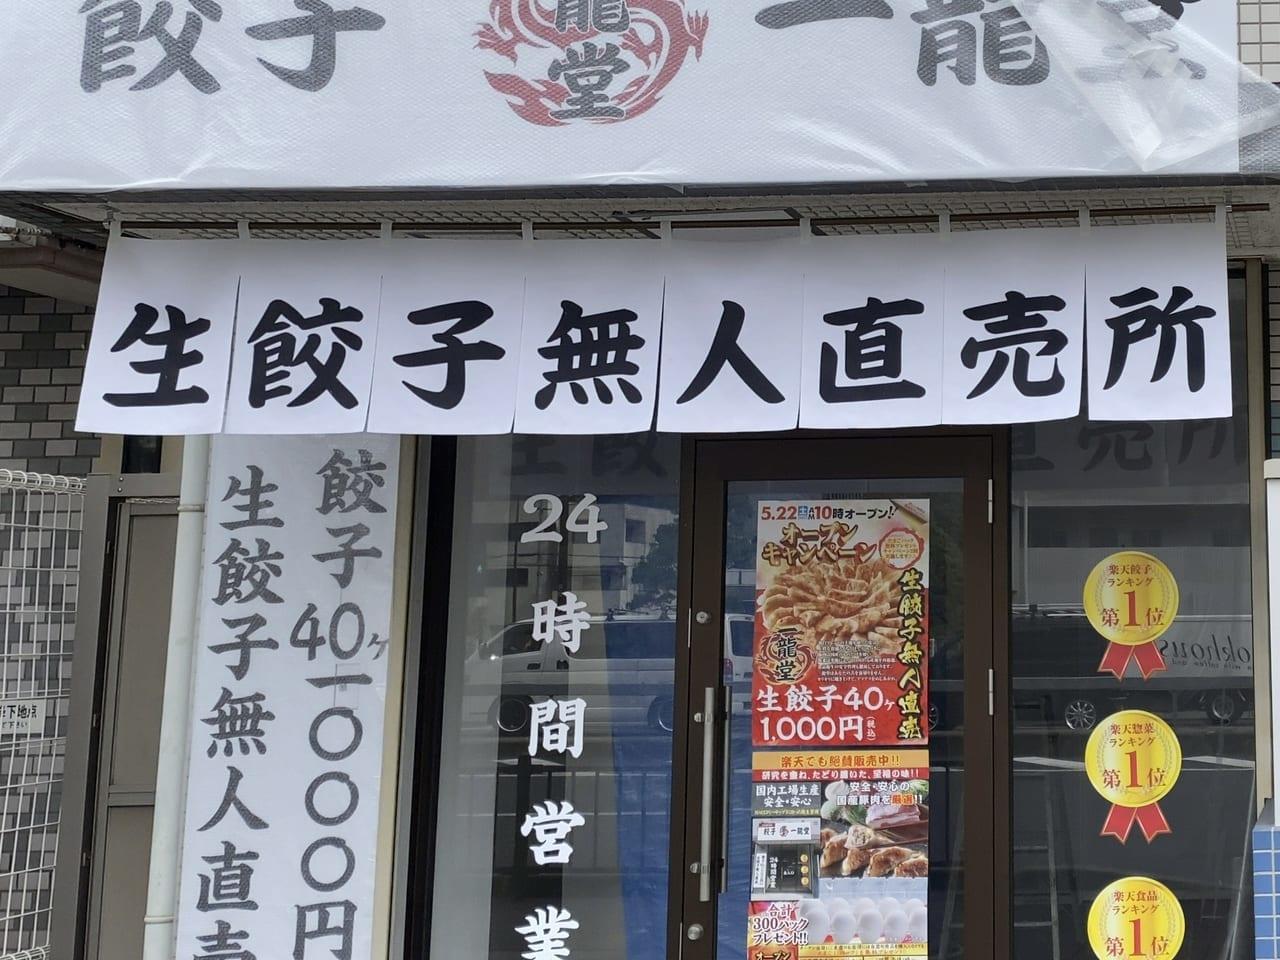 福島 開店 閉店 開店・閉店